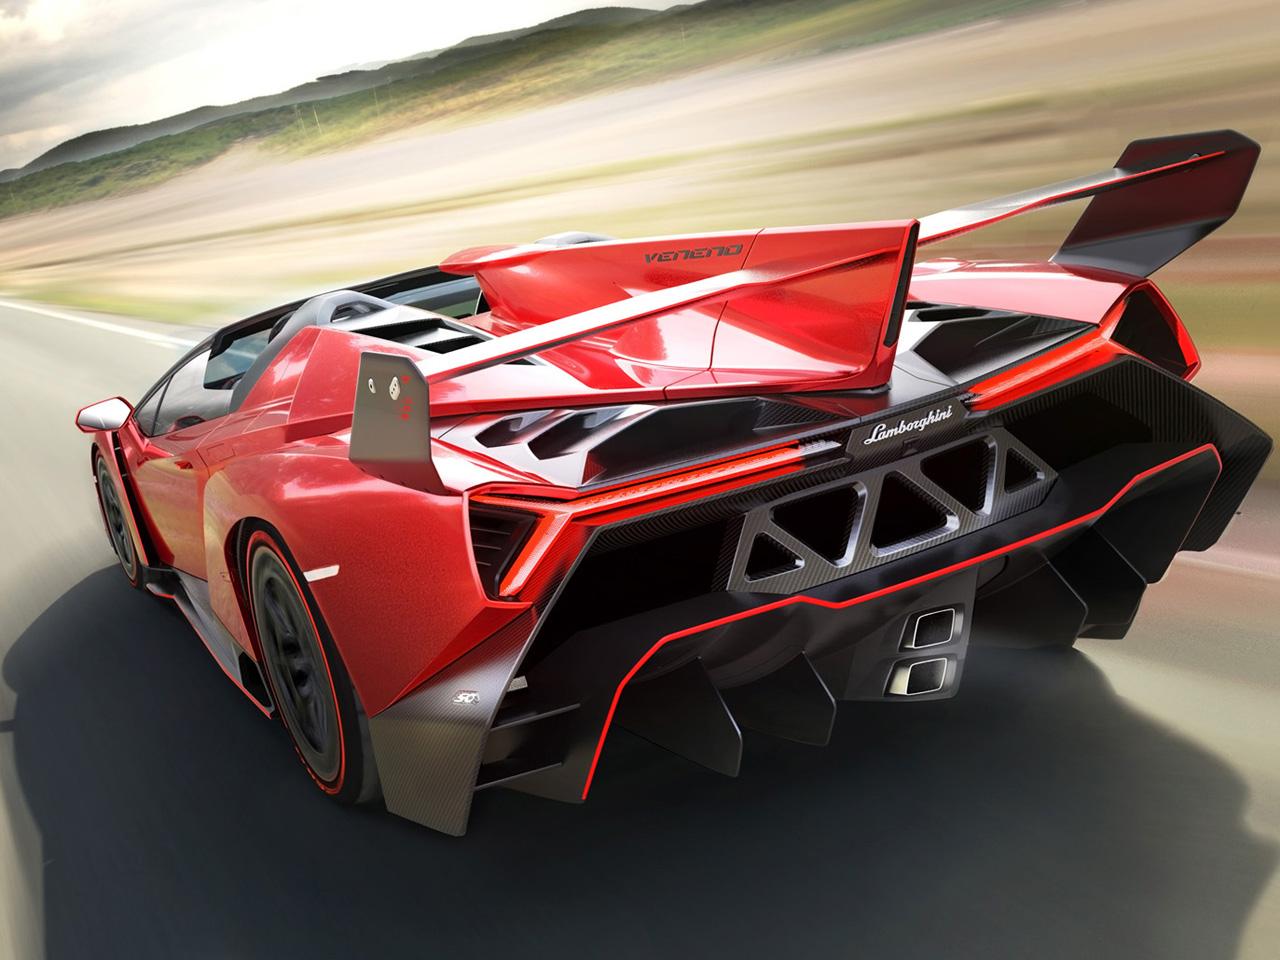 2014-Lamborghini-Veneno-Roadster-Rear-Angle